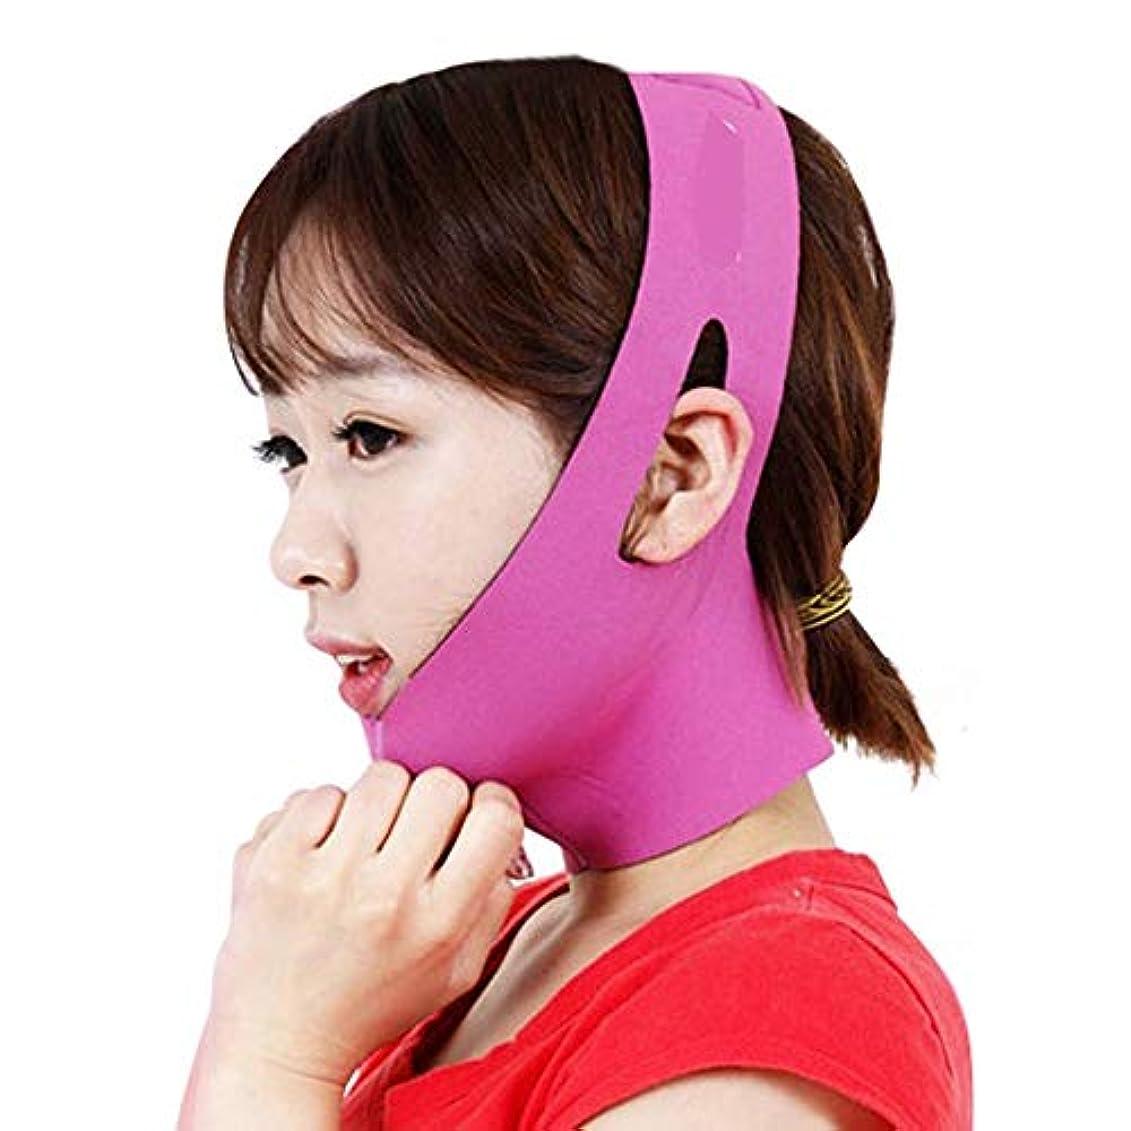 無実水分お金Minmin フェイシャルリフティング痩身ベルト圧縮二重あご減量ベルトスキンケア薄い顔包帯二重あごワークアウト みんみんVラインフェイスマスク (Color : Pink)